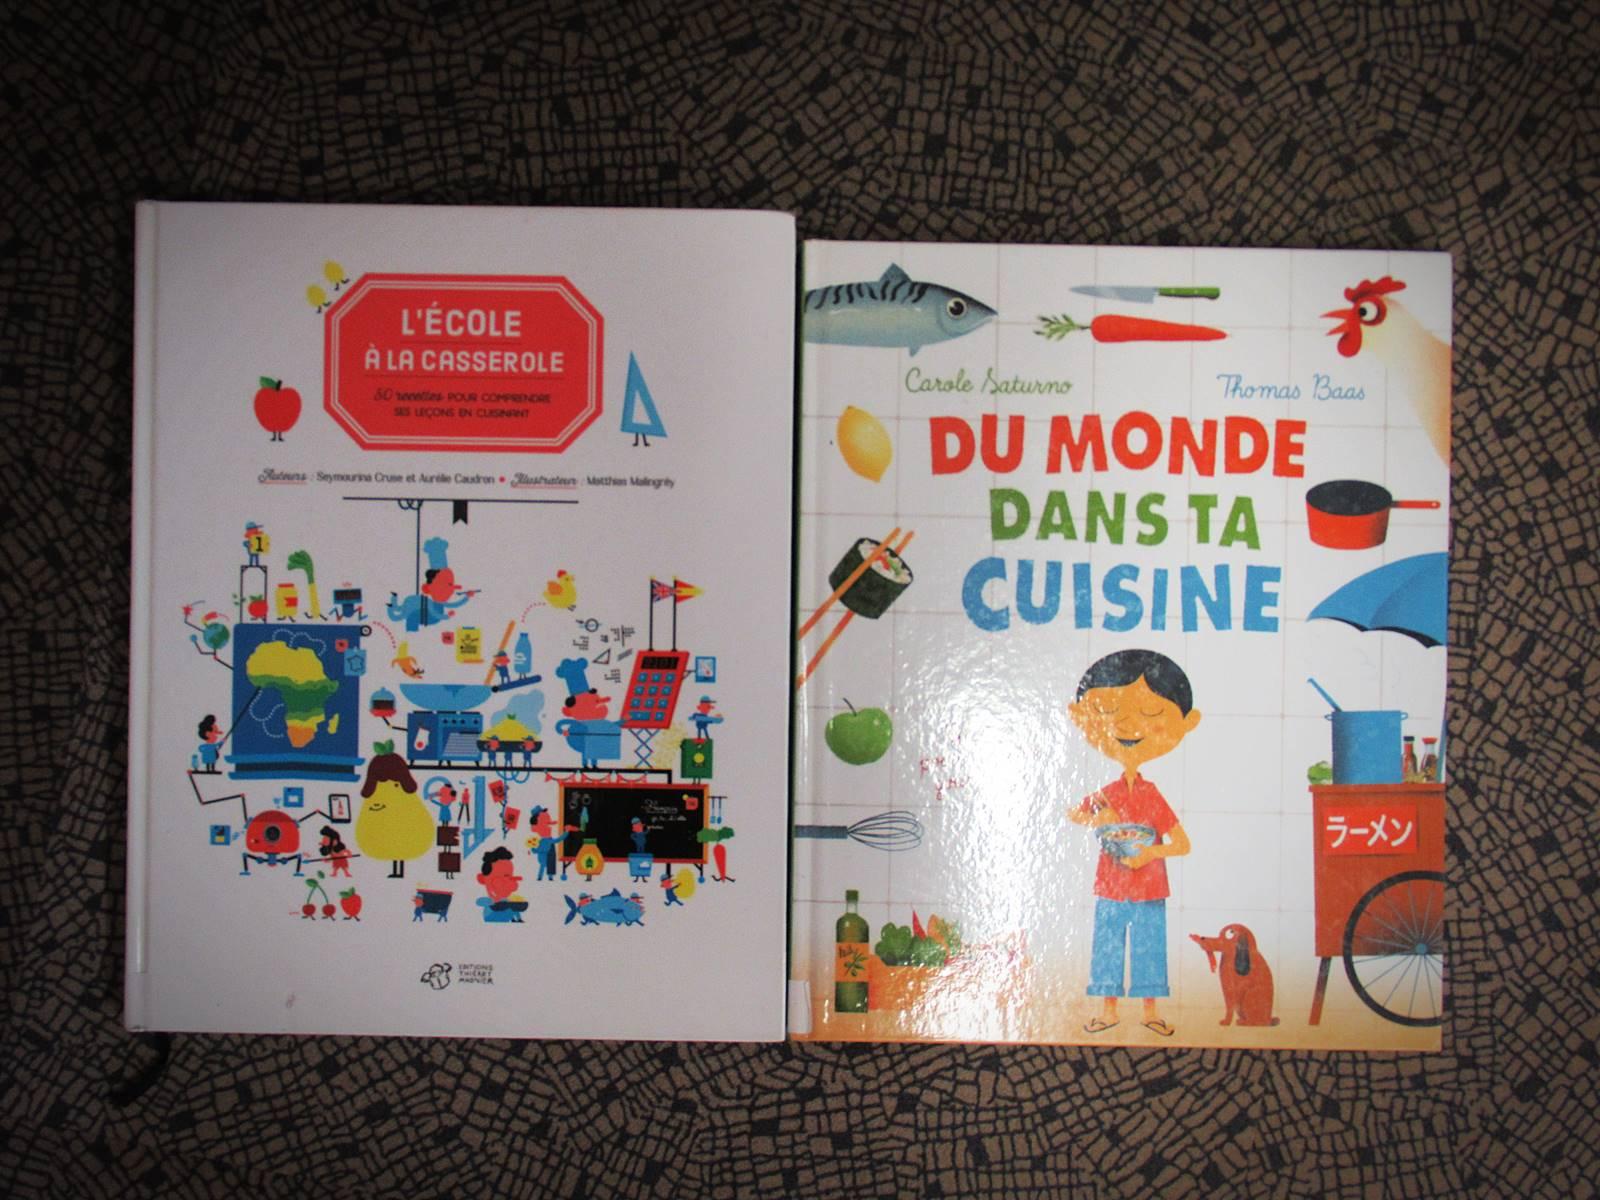 Livres pour cuisiner en apprenant le programme scolaire